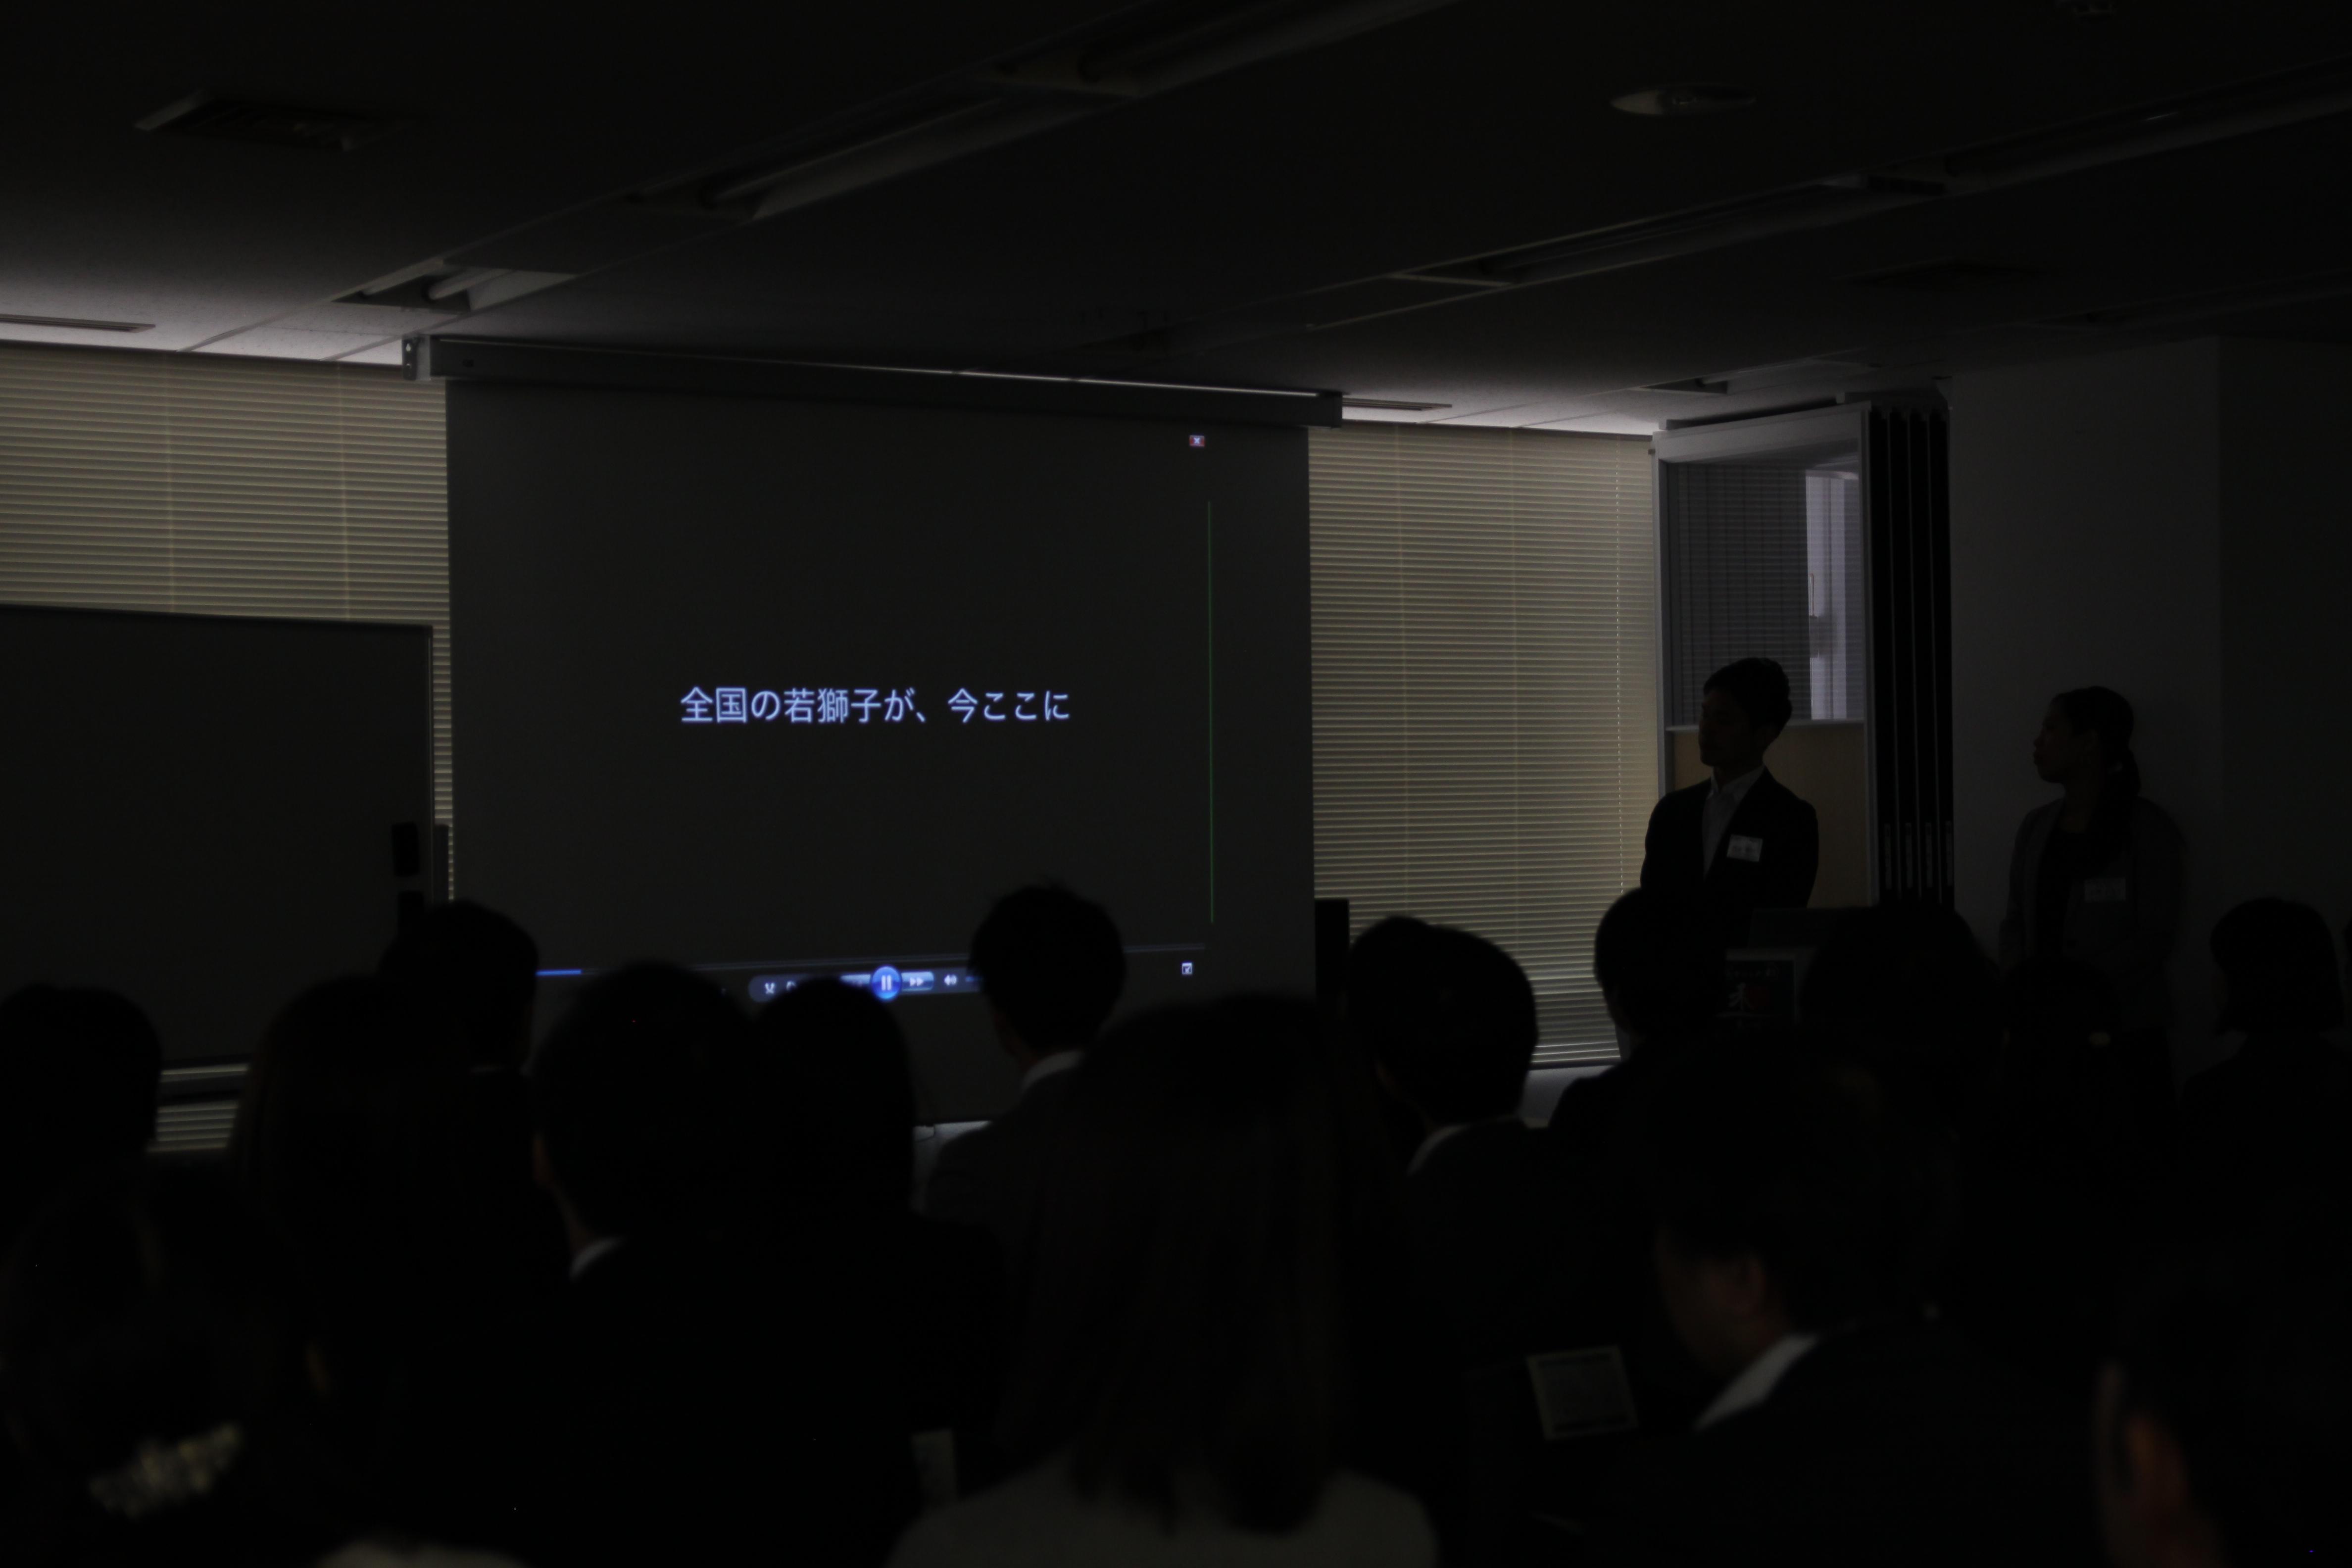 IMG 4539 - 関東若獅子の会、記念すべき第100回